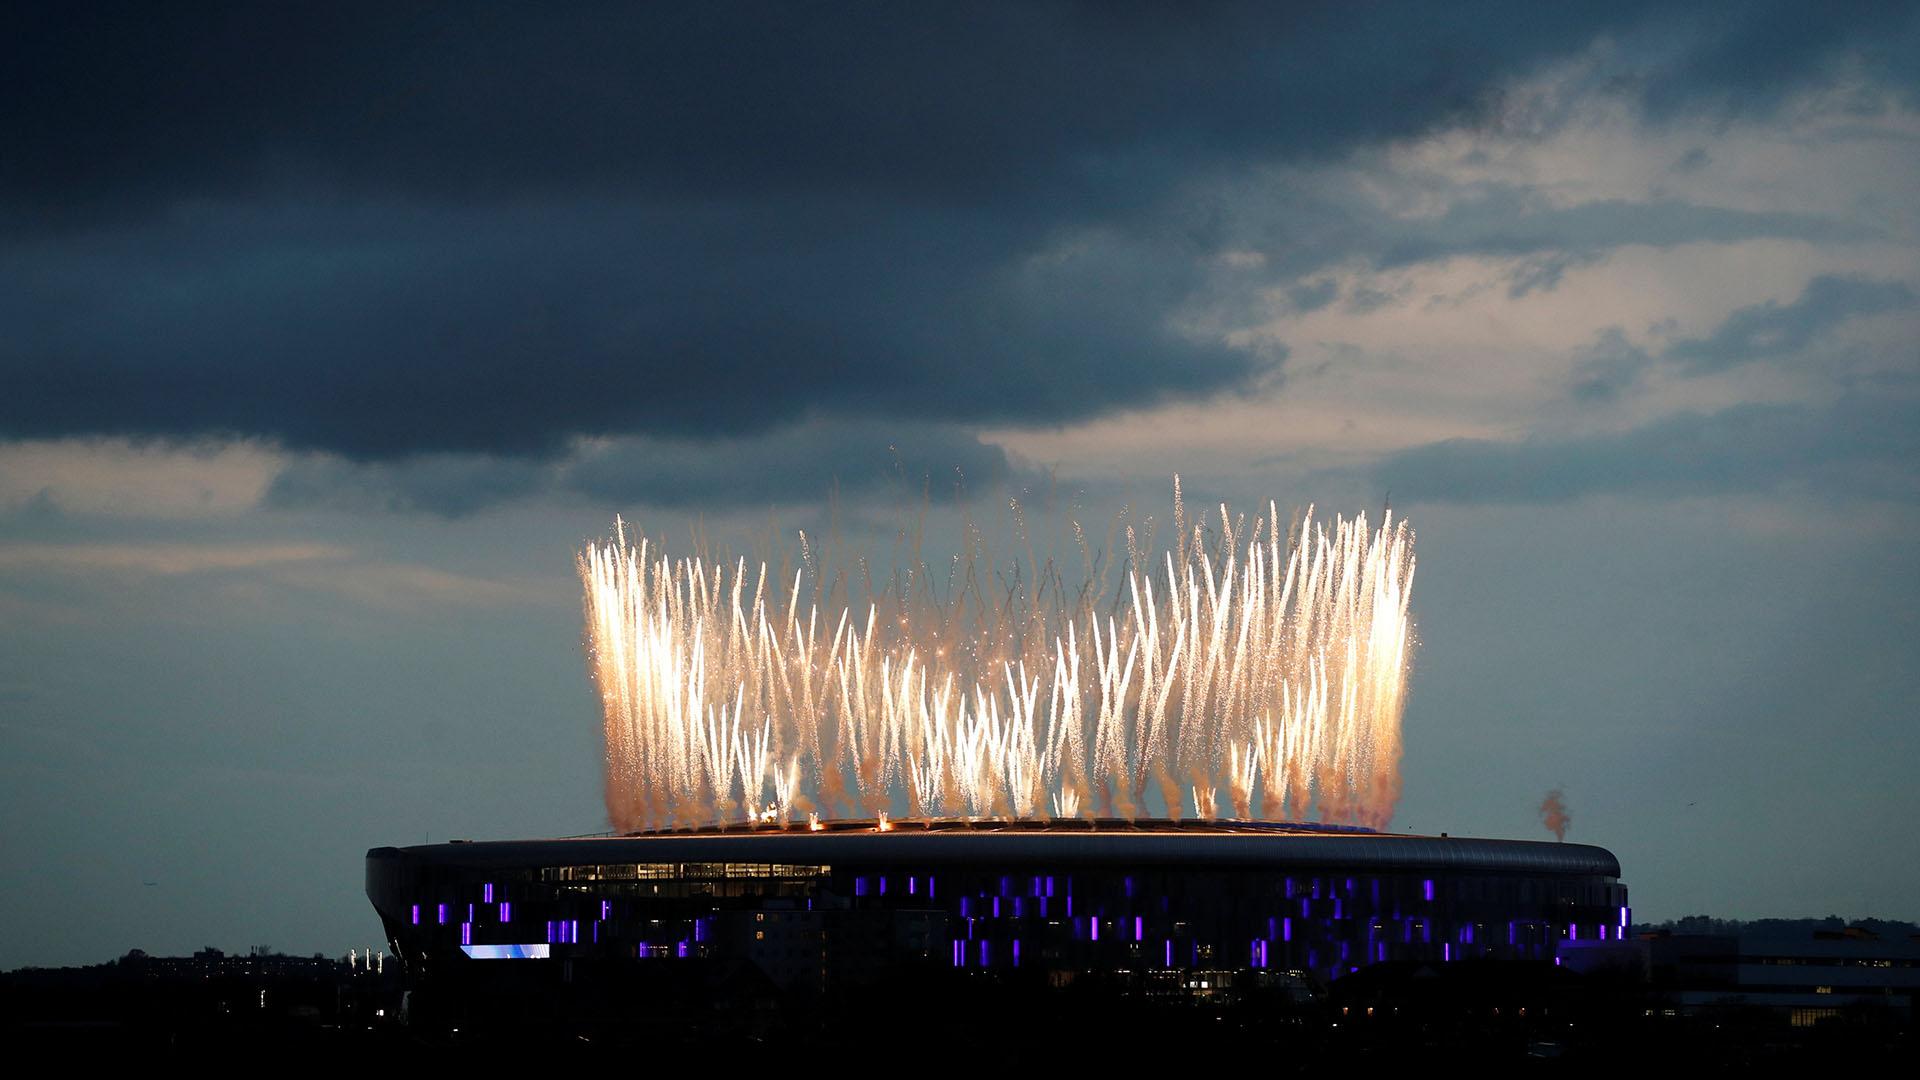 La próxima semana, el Tottenham se medirá ante el Manchester City en este estadio